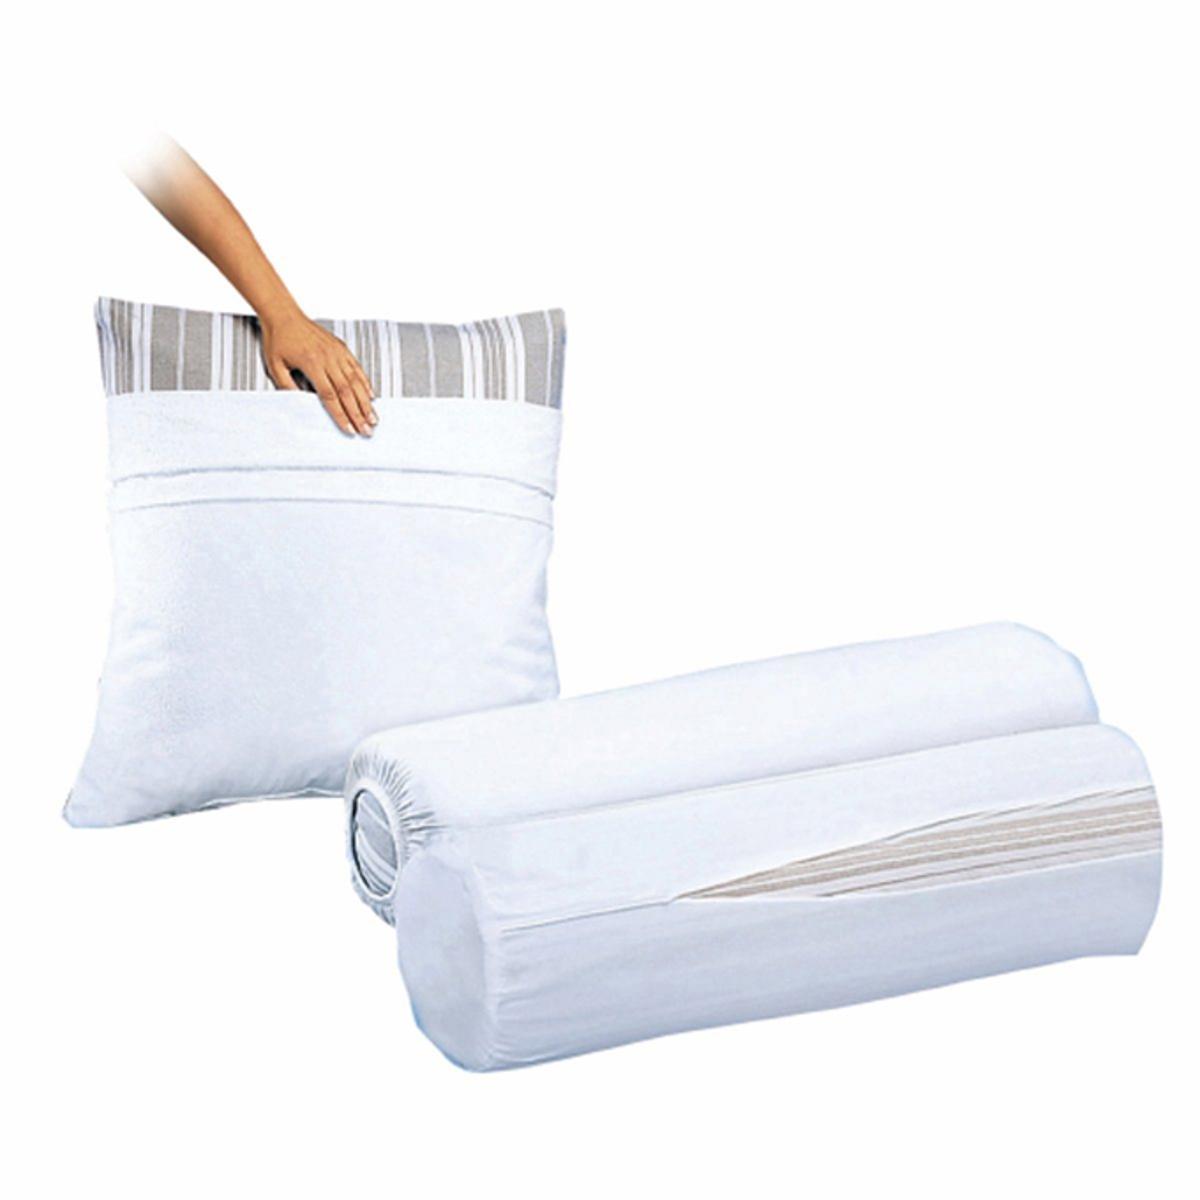 Комплект из 2 защитных чехлов на подушку из кретонаЗащитные чехлы на подушку из кретона, 100% хлопок : Идеальные для защиты, из кретона, 100% хлопок. Покрой с запахом. Машинная стирка при 95 °С. В комплекте 2 защитных чехла на подушку.<br><br>Цвет: белый